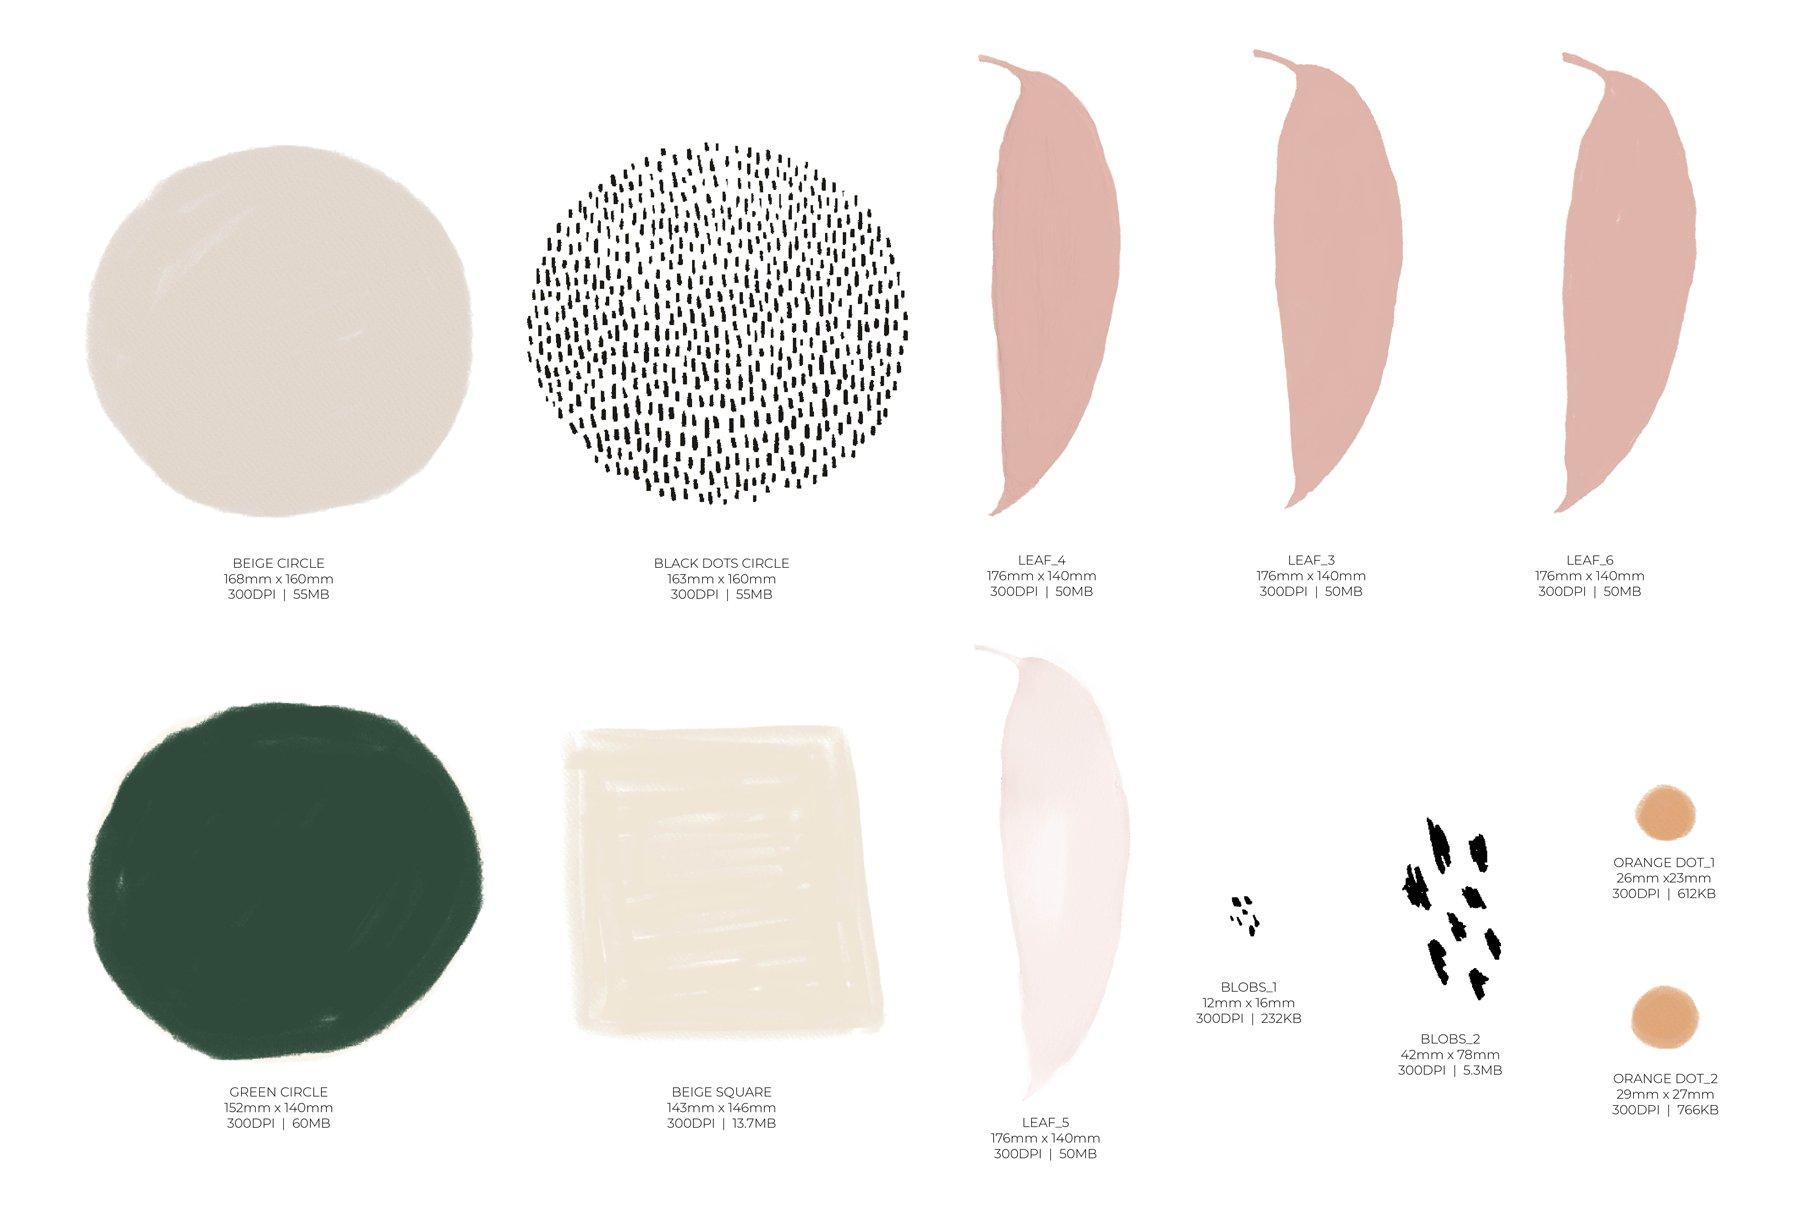 抽象有机形状图案矢量素材集 Komorebi Organic Shapes Pattern Set插图(6)